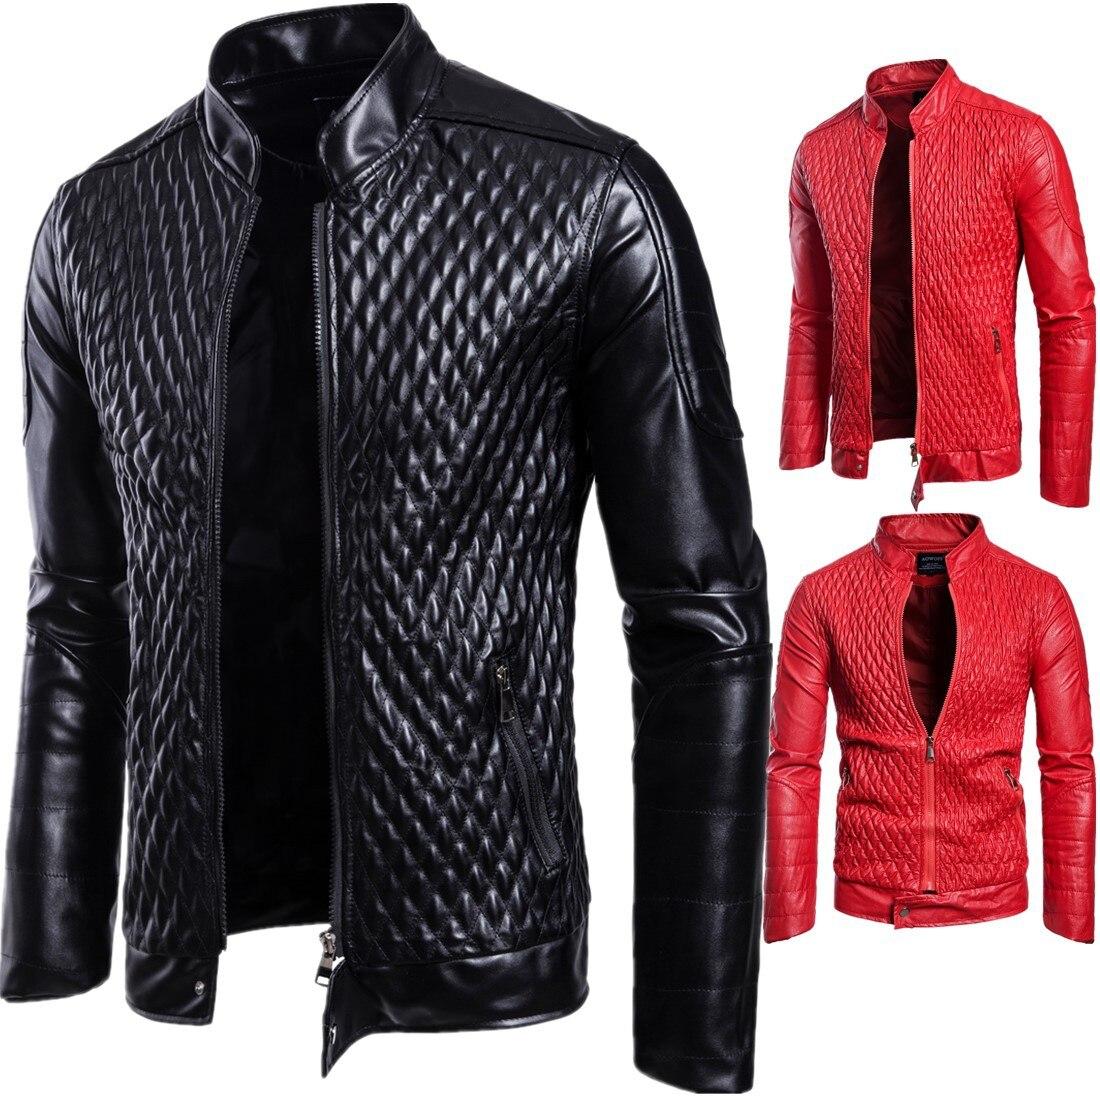 Rojo rojo Negro Hombre Negro Casual Ropa Invierno Manga Delgado Chaquetas Cuero De Los Hombres Cremallera Larga Abrigo waFqO